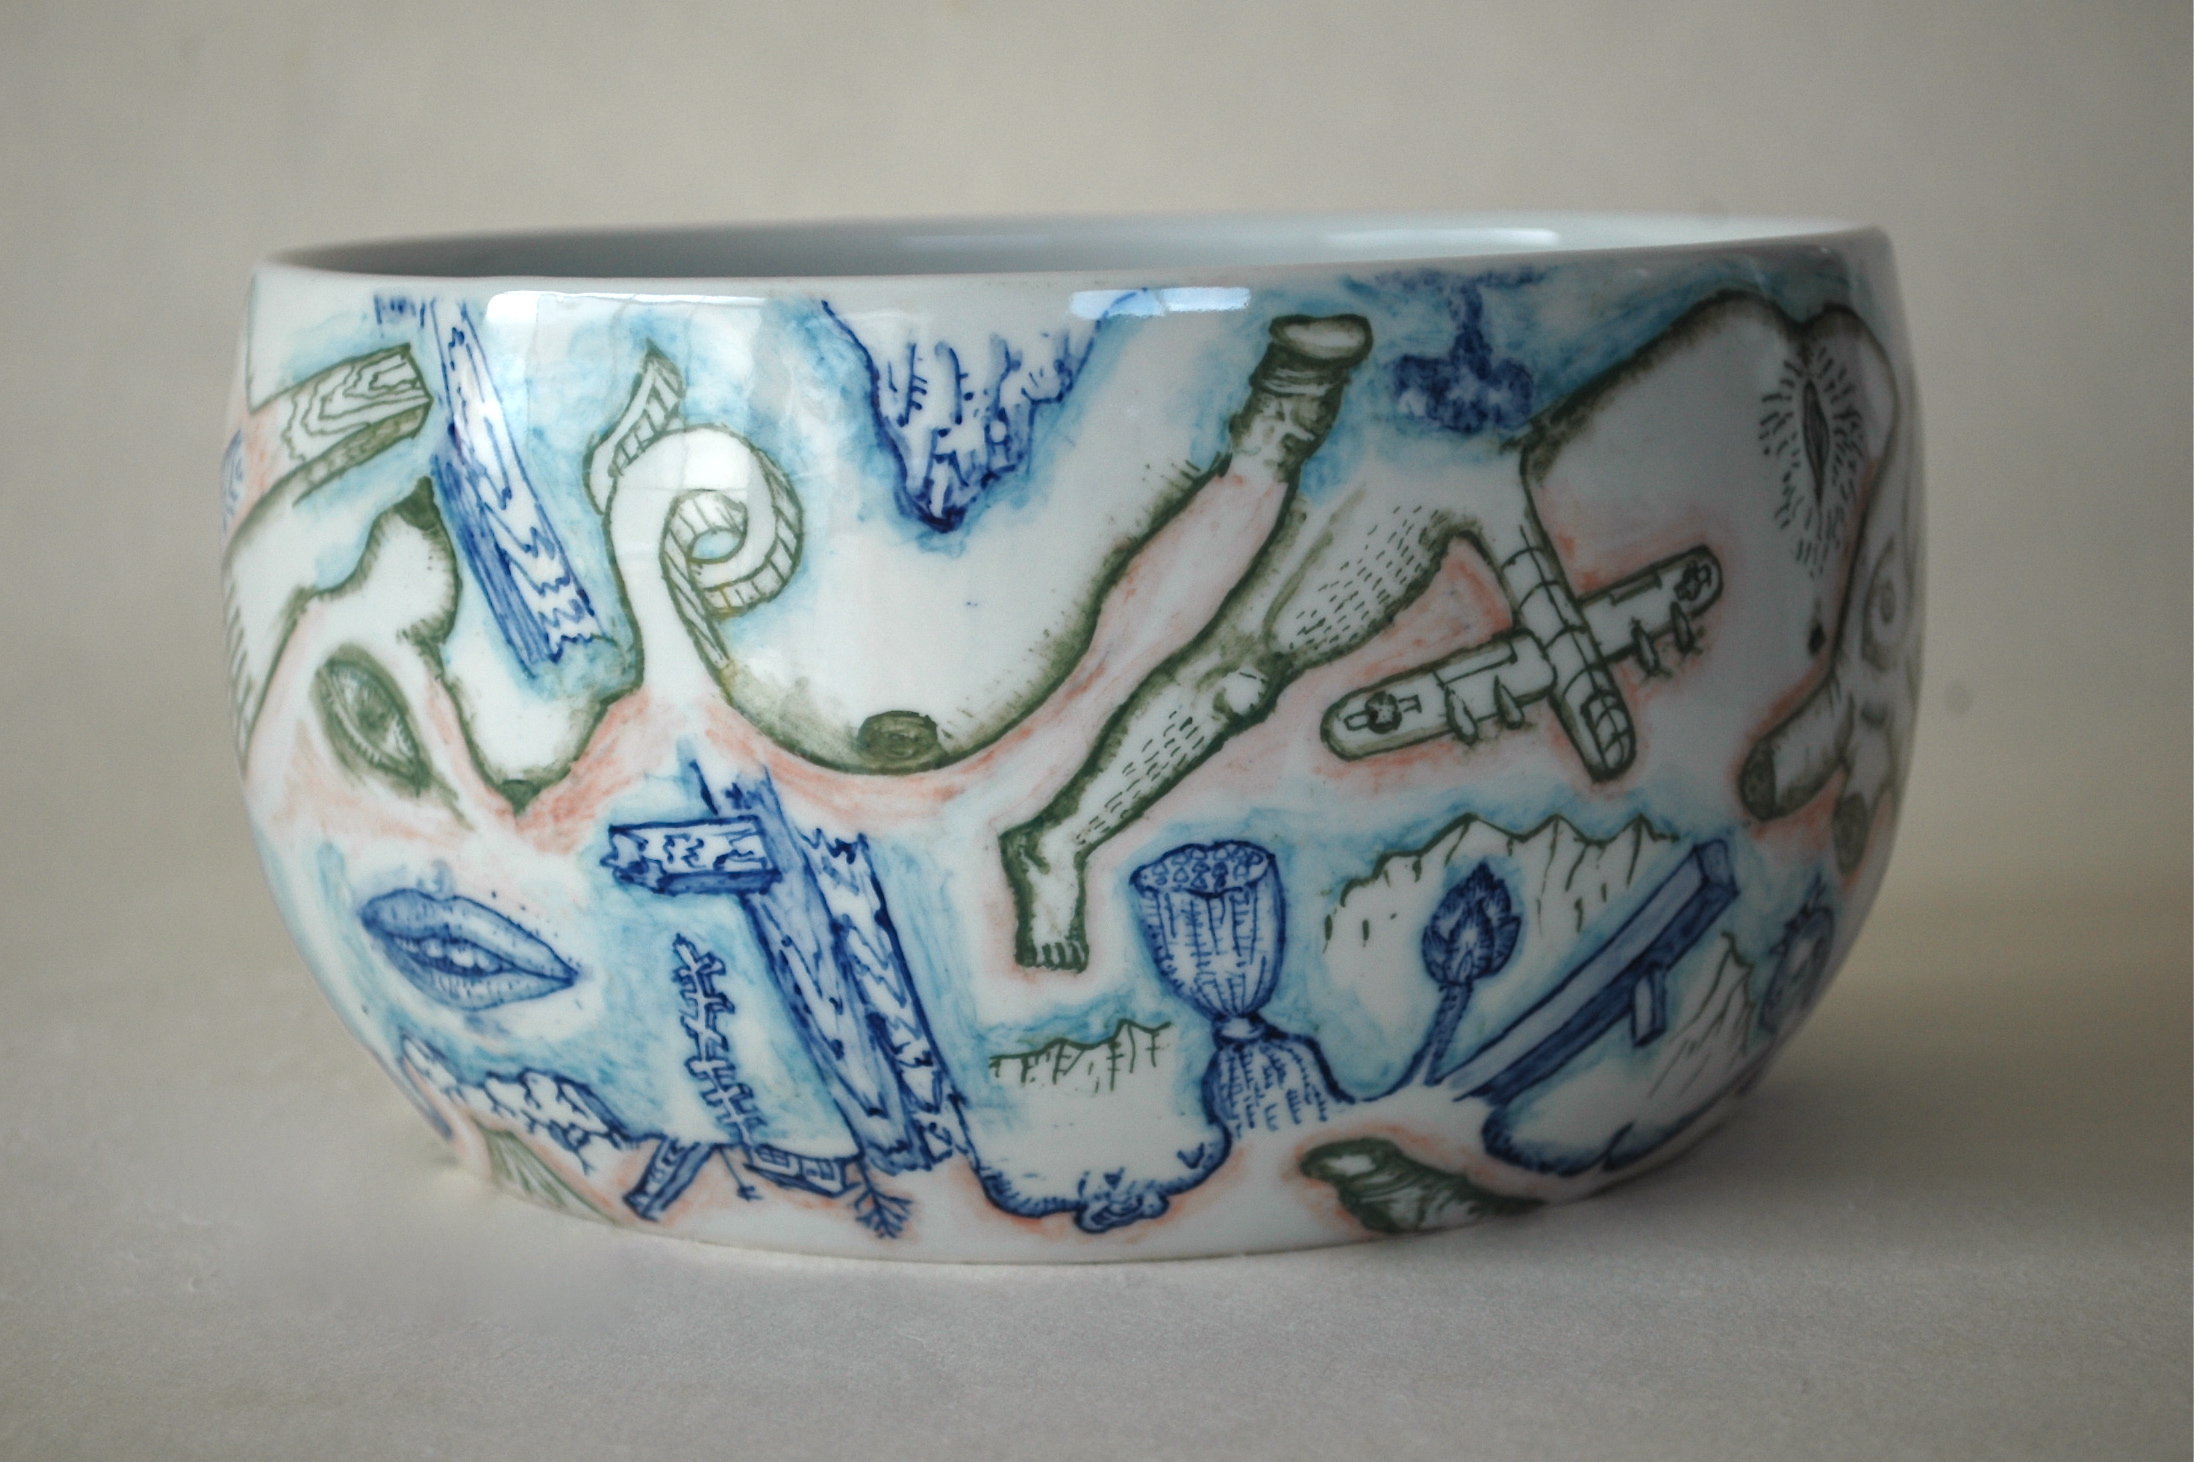 下絵鉢『戦争と平和の鉢』